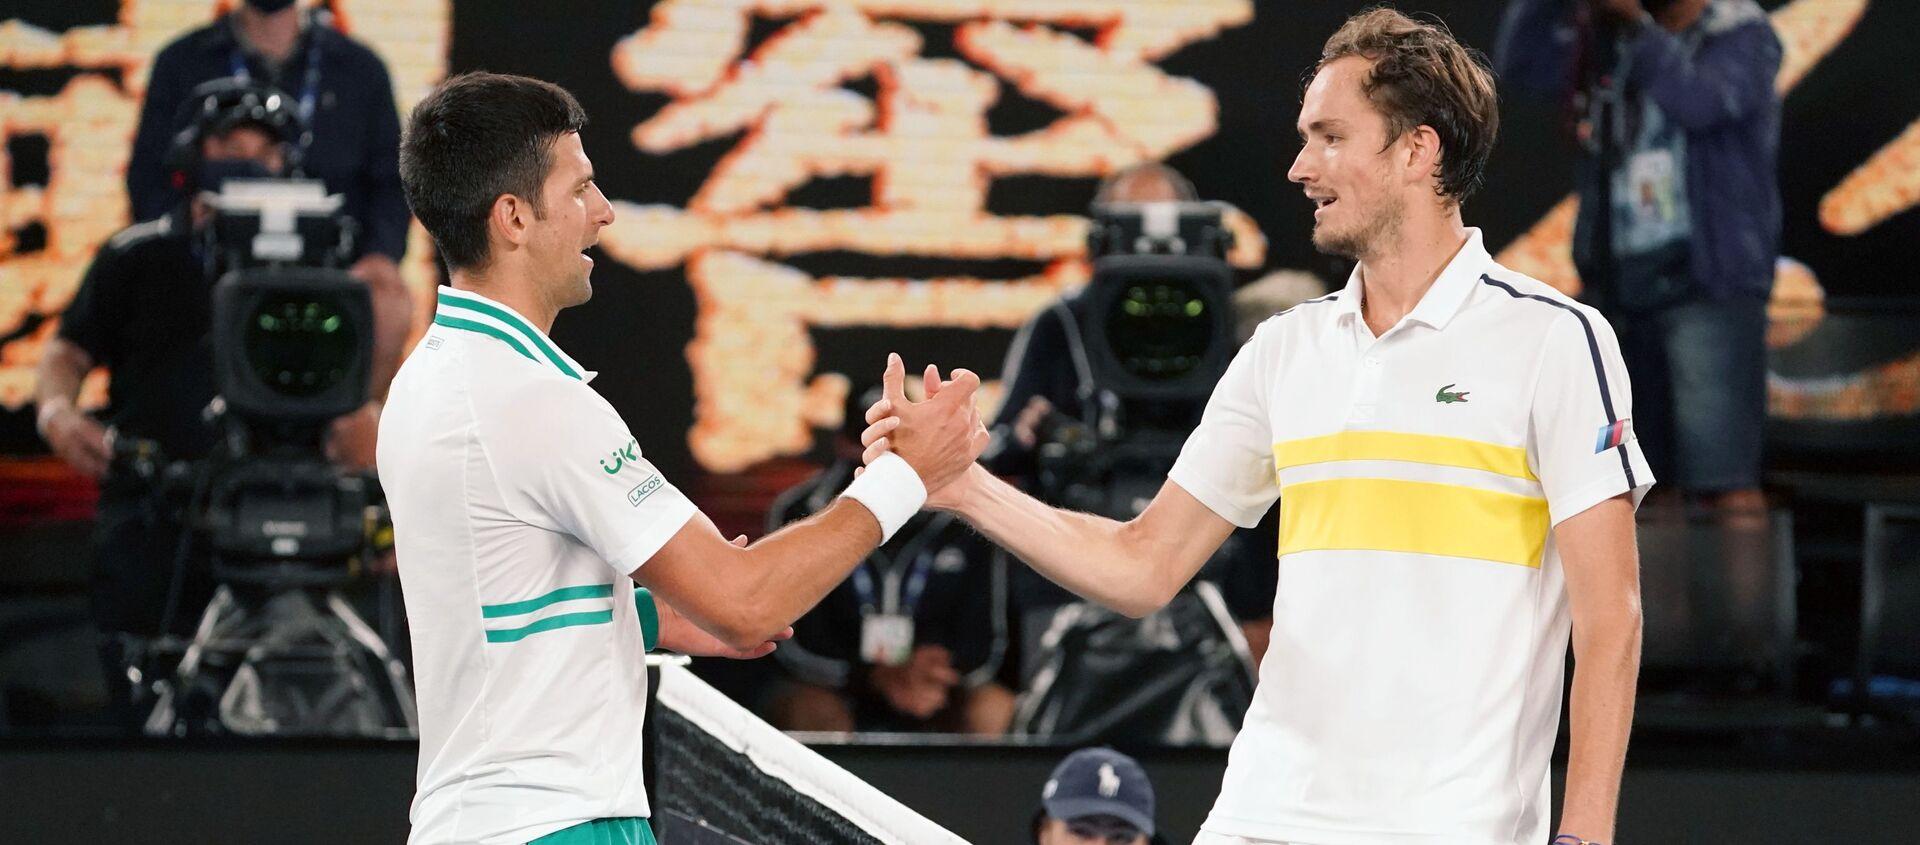 Các tay vợt Novak Djokovic và Daniil Medvedev sau trận chung kết giải quần vợt Australia Open 2021 - Sputnik Việt Nam, 1920, 11.09.2021